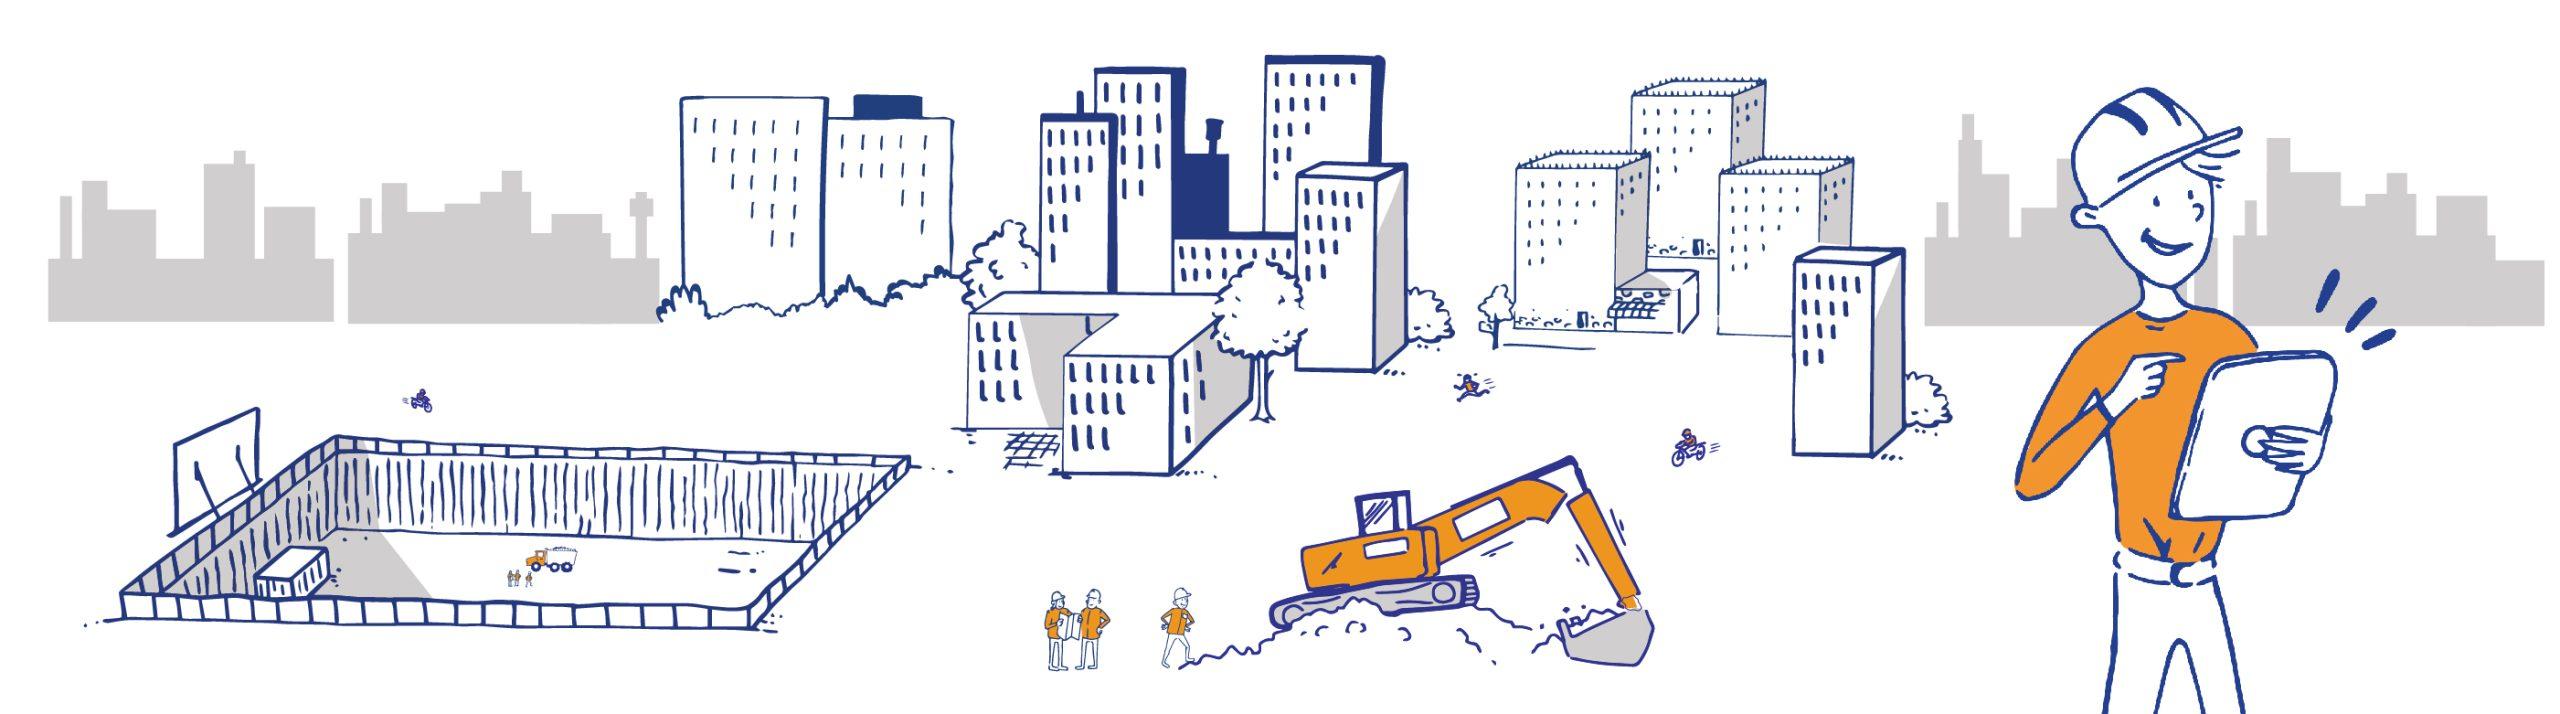 Kaupunkirakentaminen toimialana